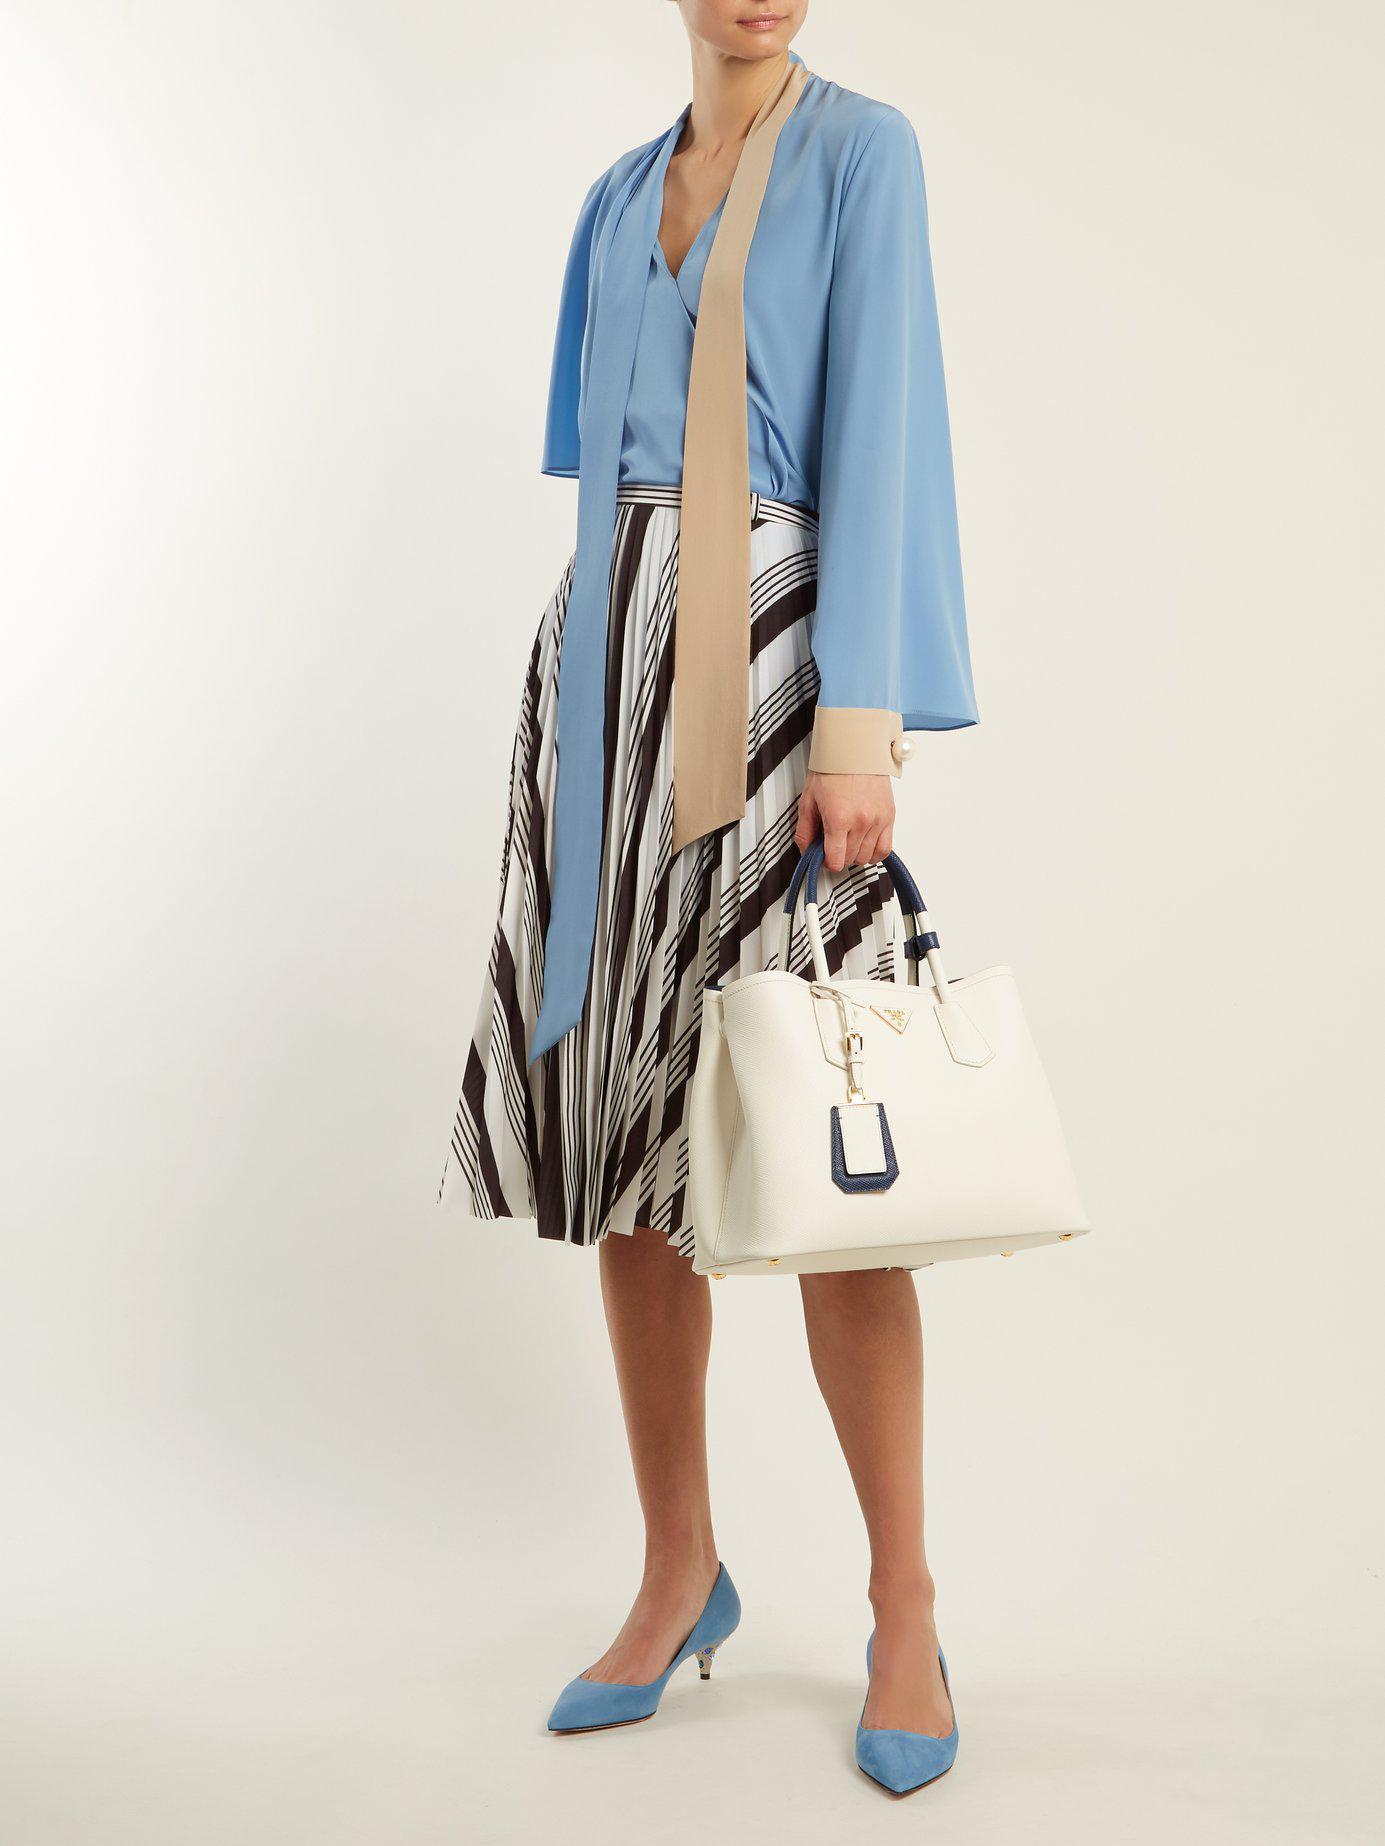 Lyst - Prada Double Saffiano Leather Bag 29d0acd20877b